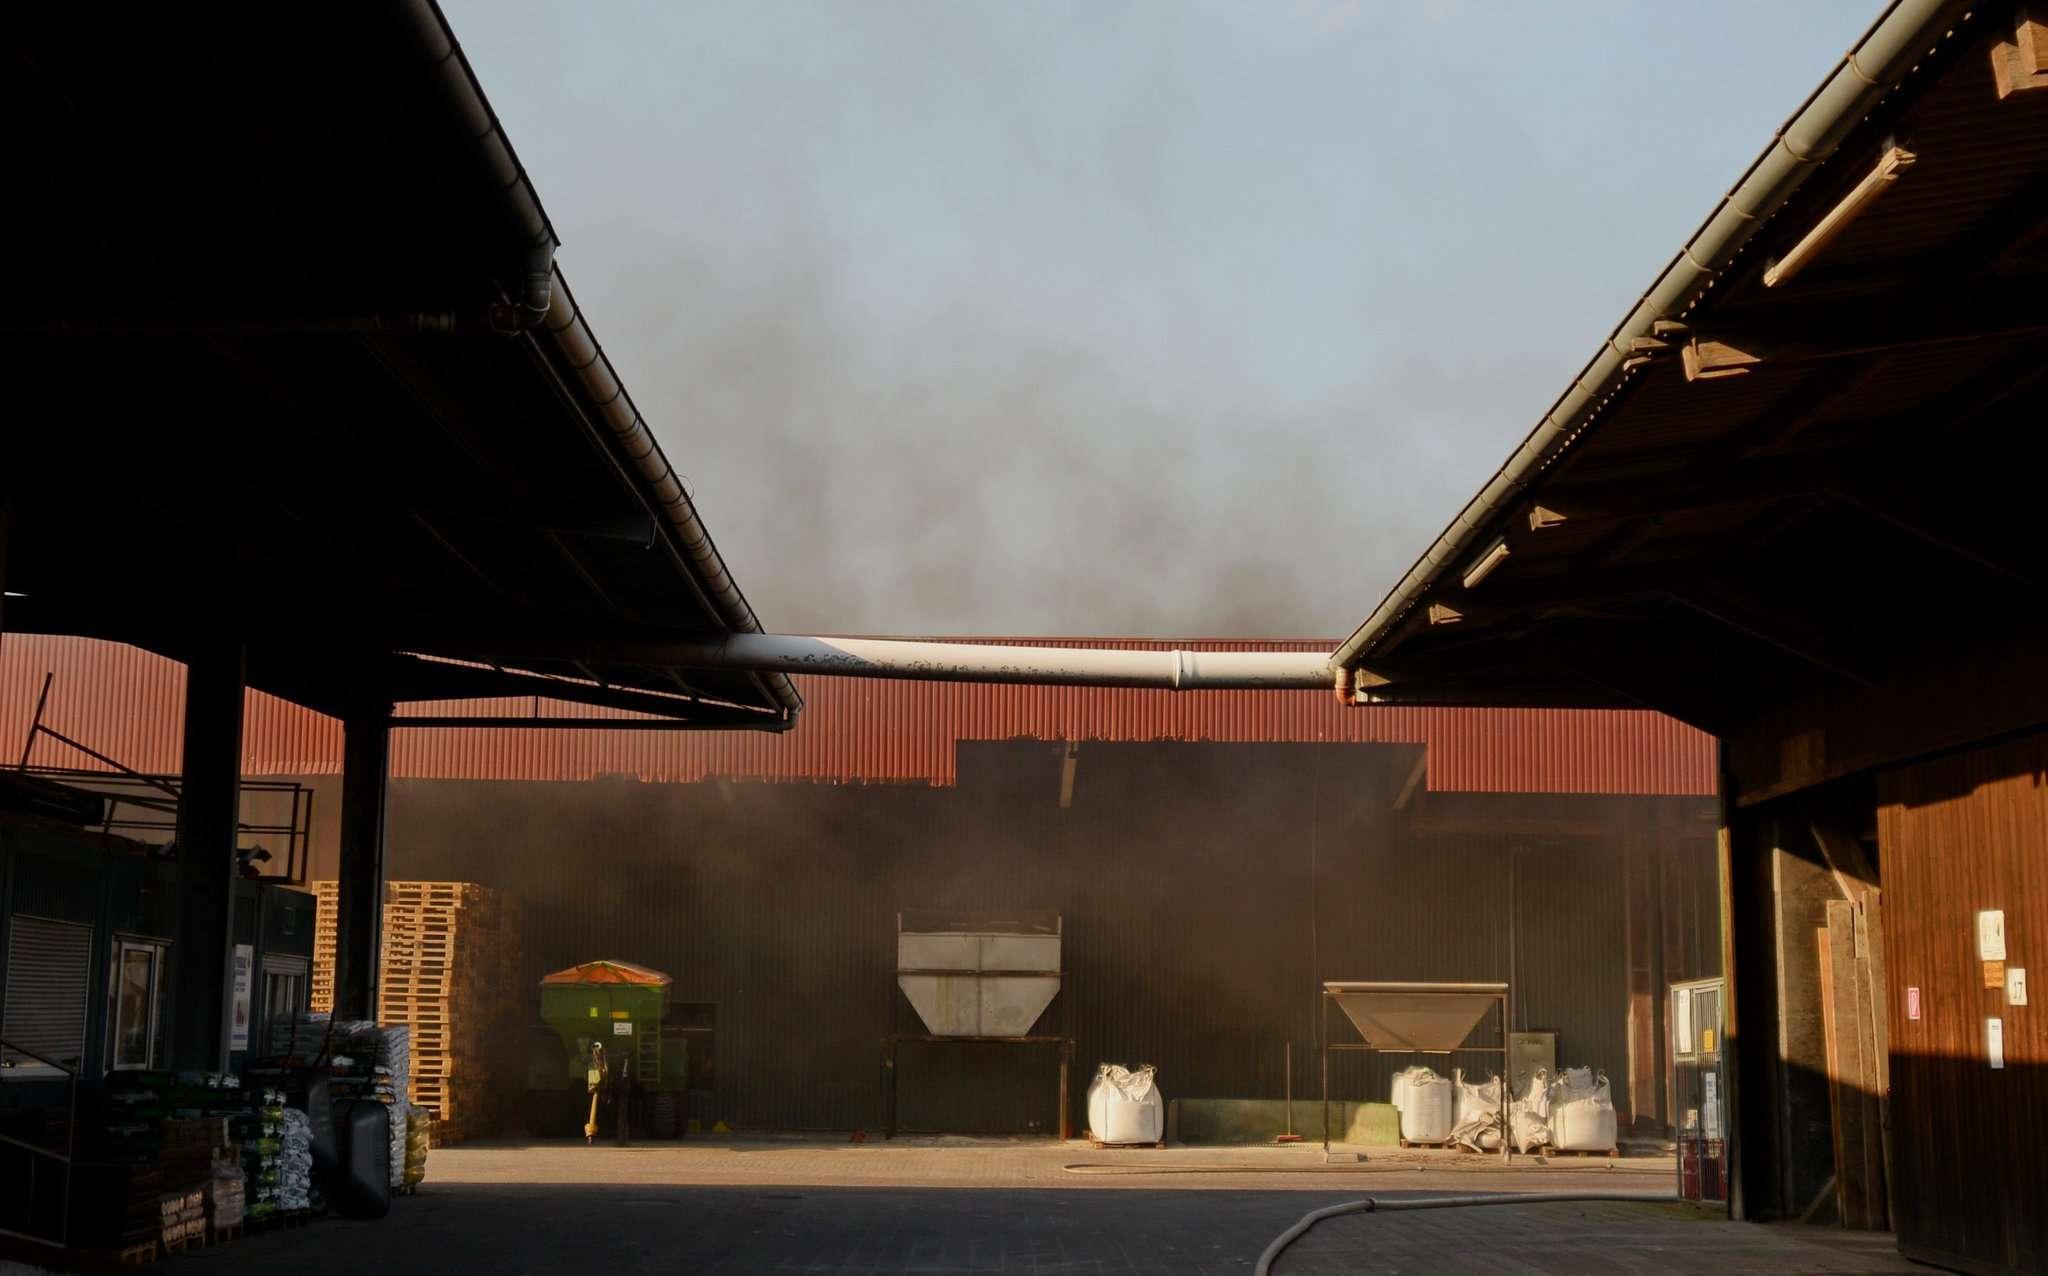 Dicker Rauch drang aus der Lagerhalle nach außen. Innen hatte ein Förderband Feuer gefangen. Foto: Klaus-Dieter Plage